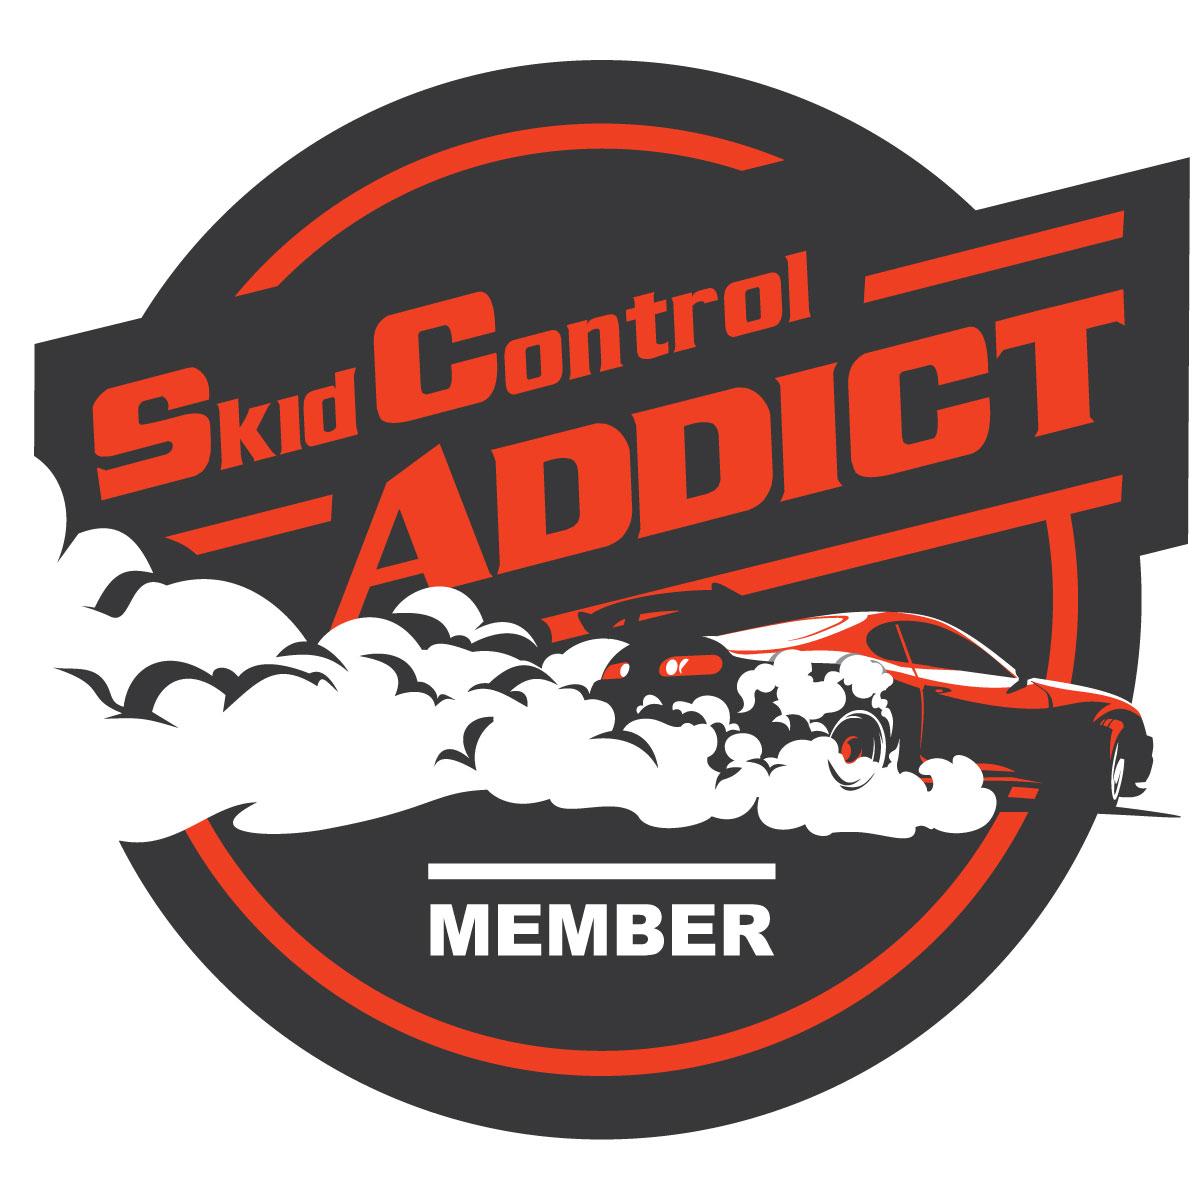 Skid Control Addict